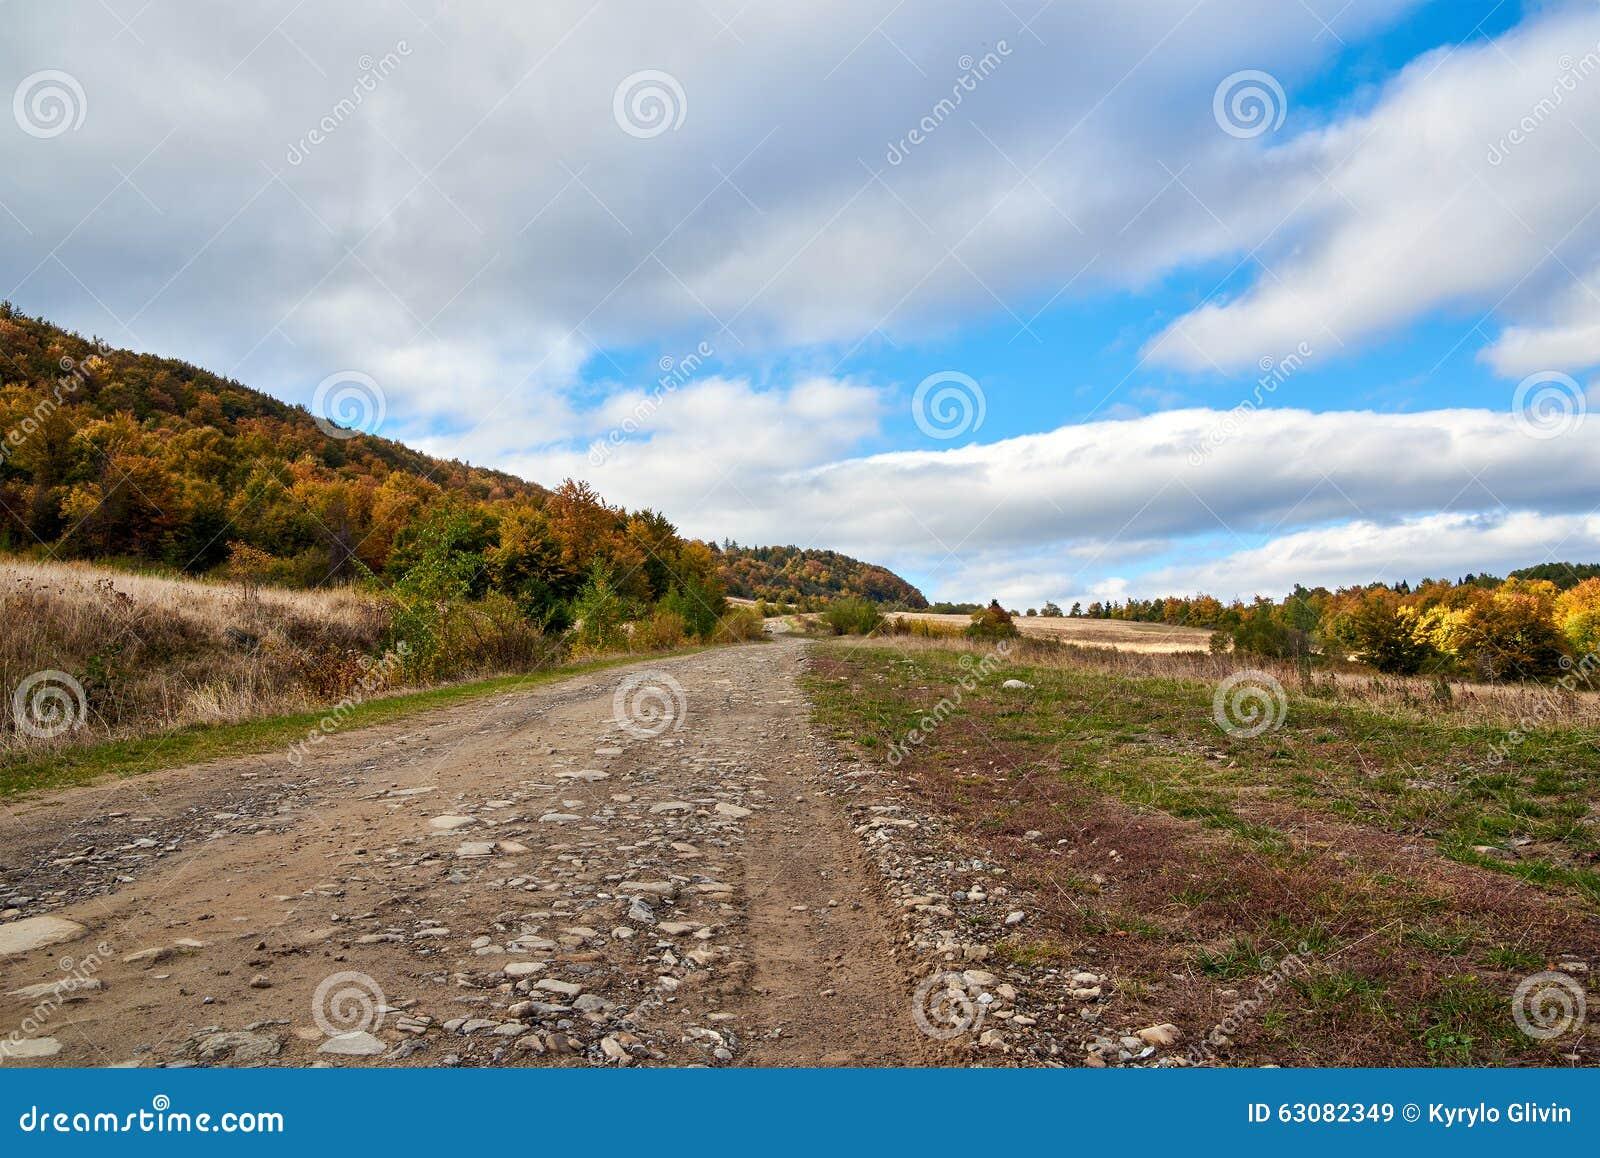 Download Lanscape De Route De Montagne Avec Des Nuages Et Des Arbres Colorés Image stock - Image du montagne, forêt: 63082349